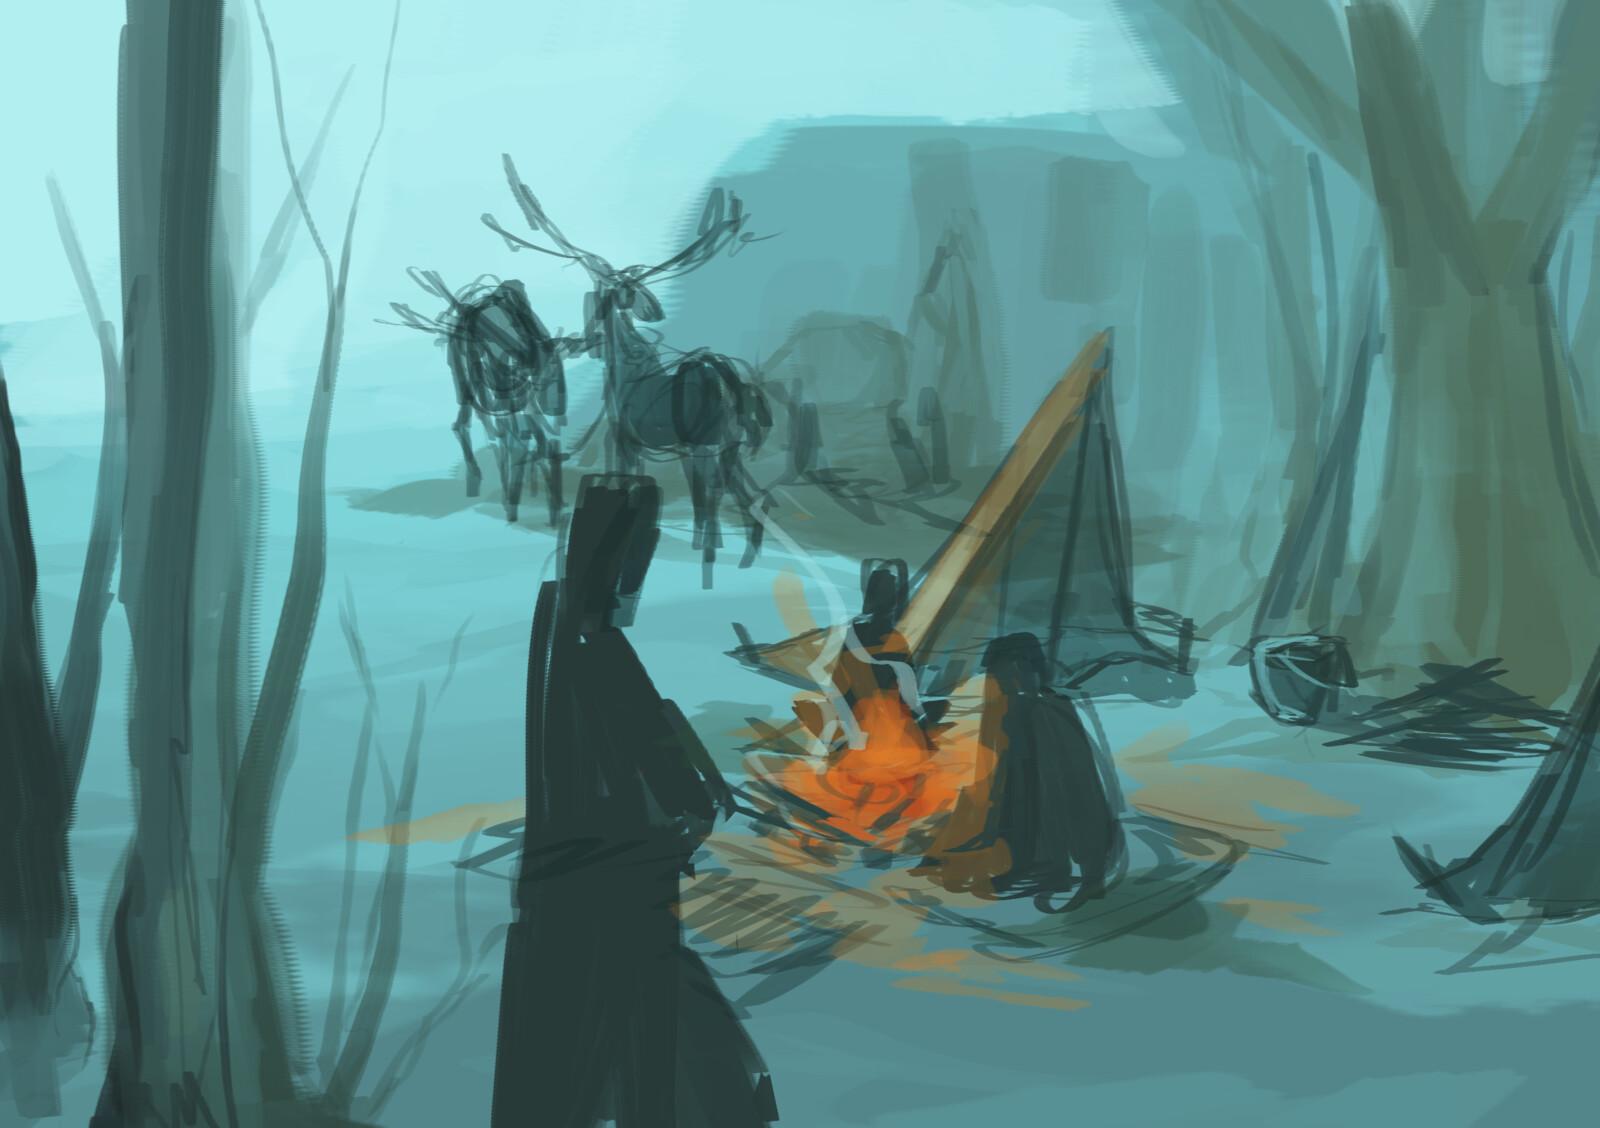 Inquisition camp